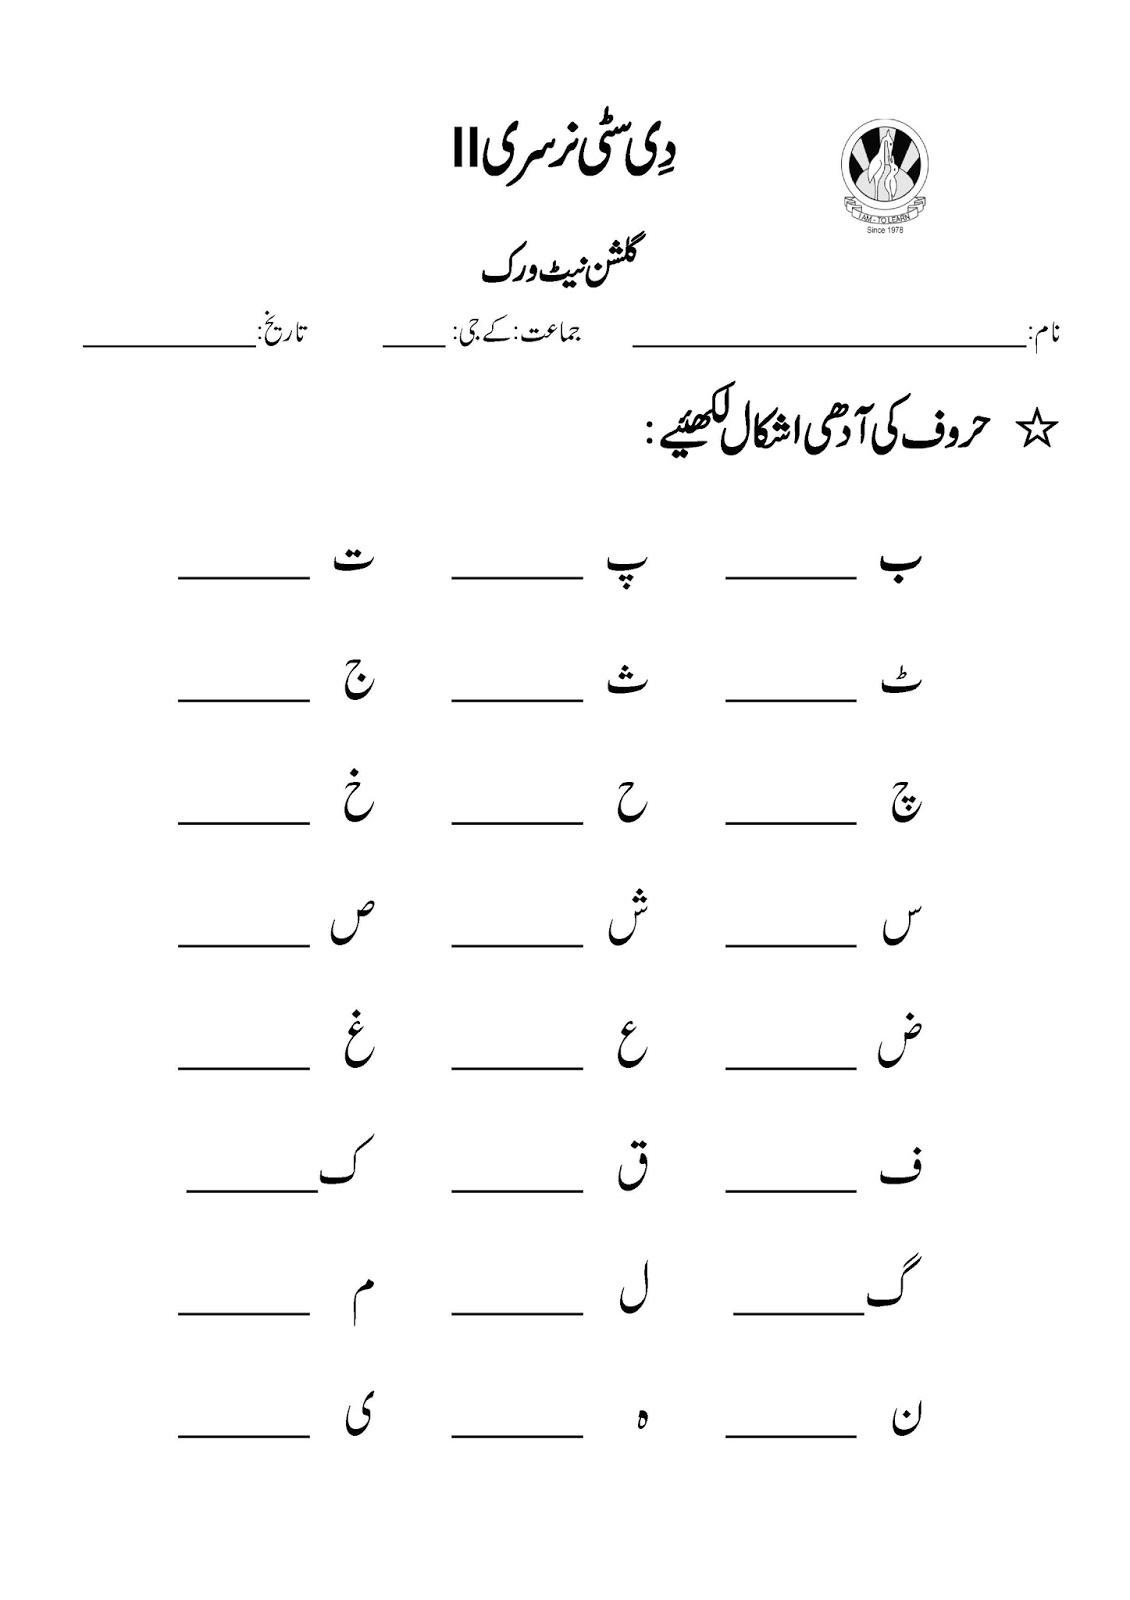 medium resolution of Kg Urdu Worksheets   Printable Worksheets and Activities for Teachers